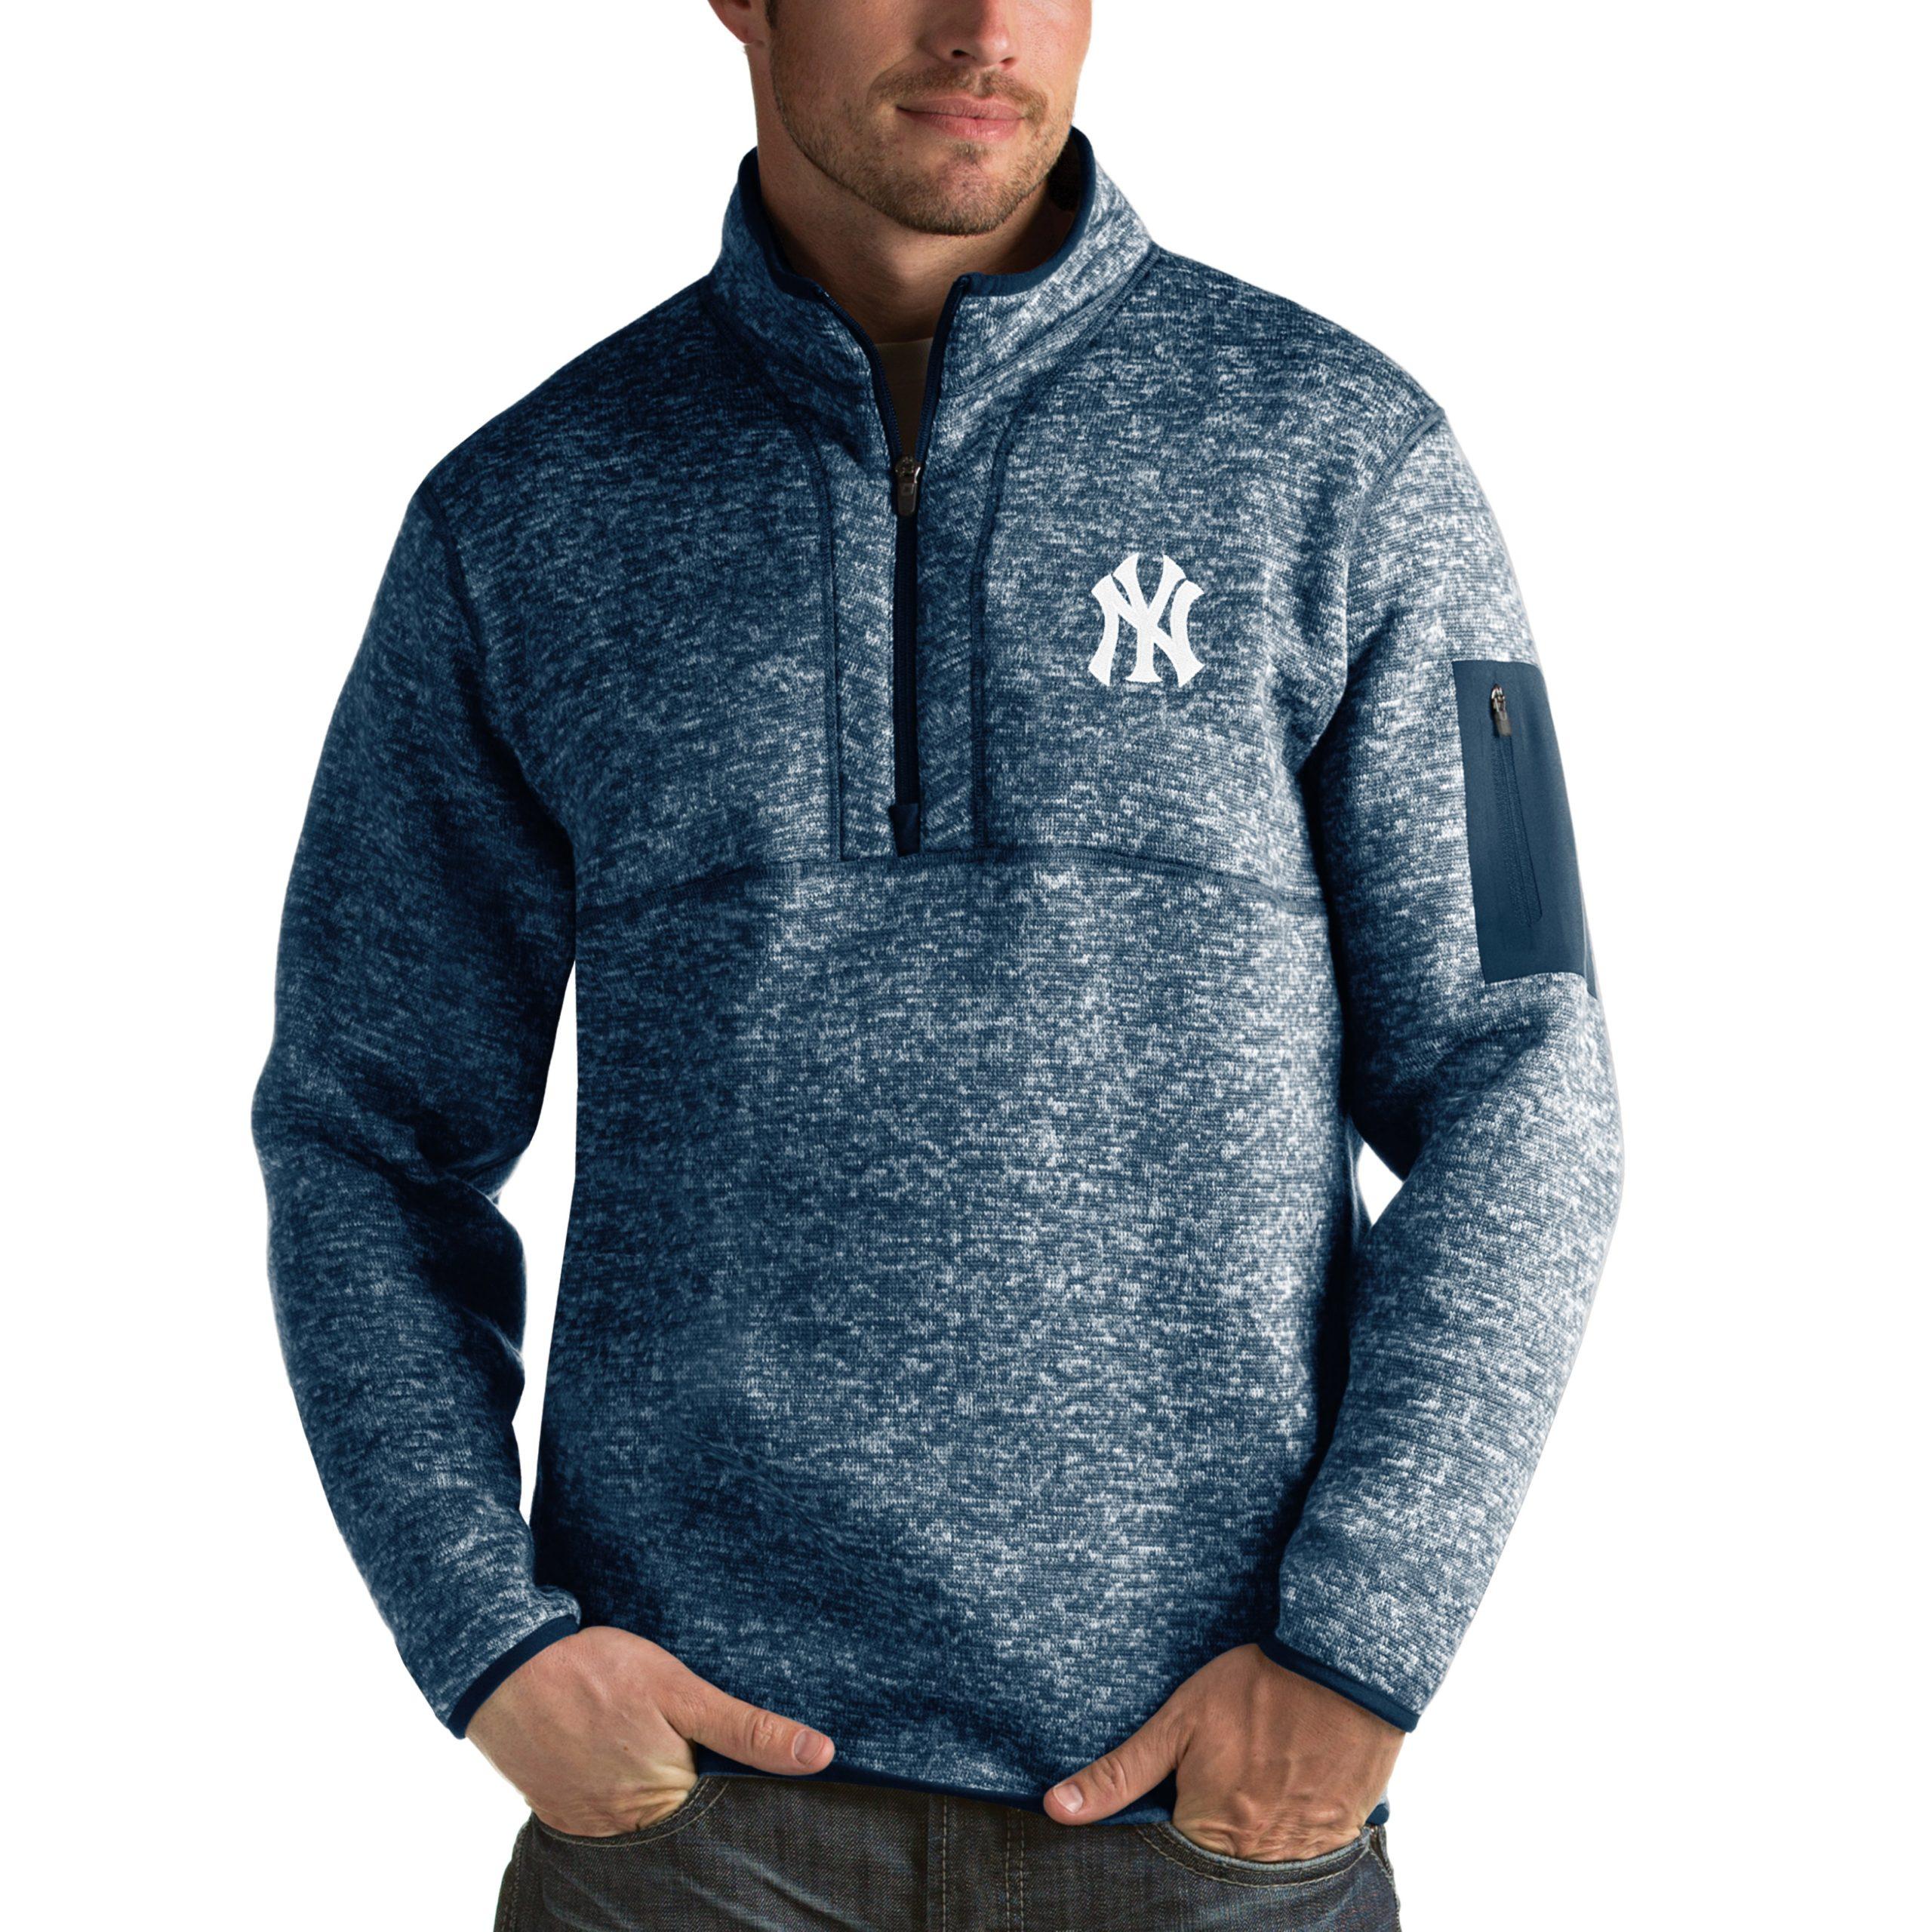 New York Yankees Antigua Fortune Half-Zip Sweater - Heathered Navy